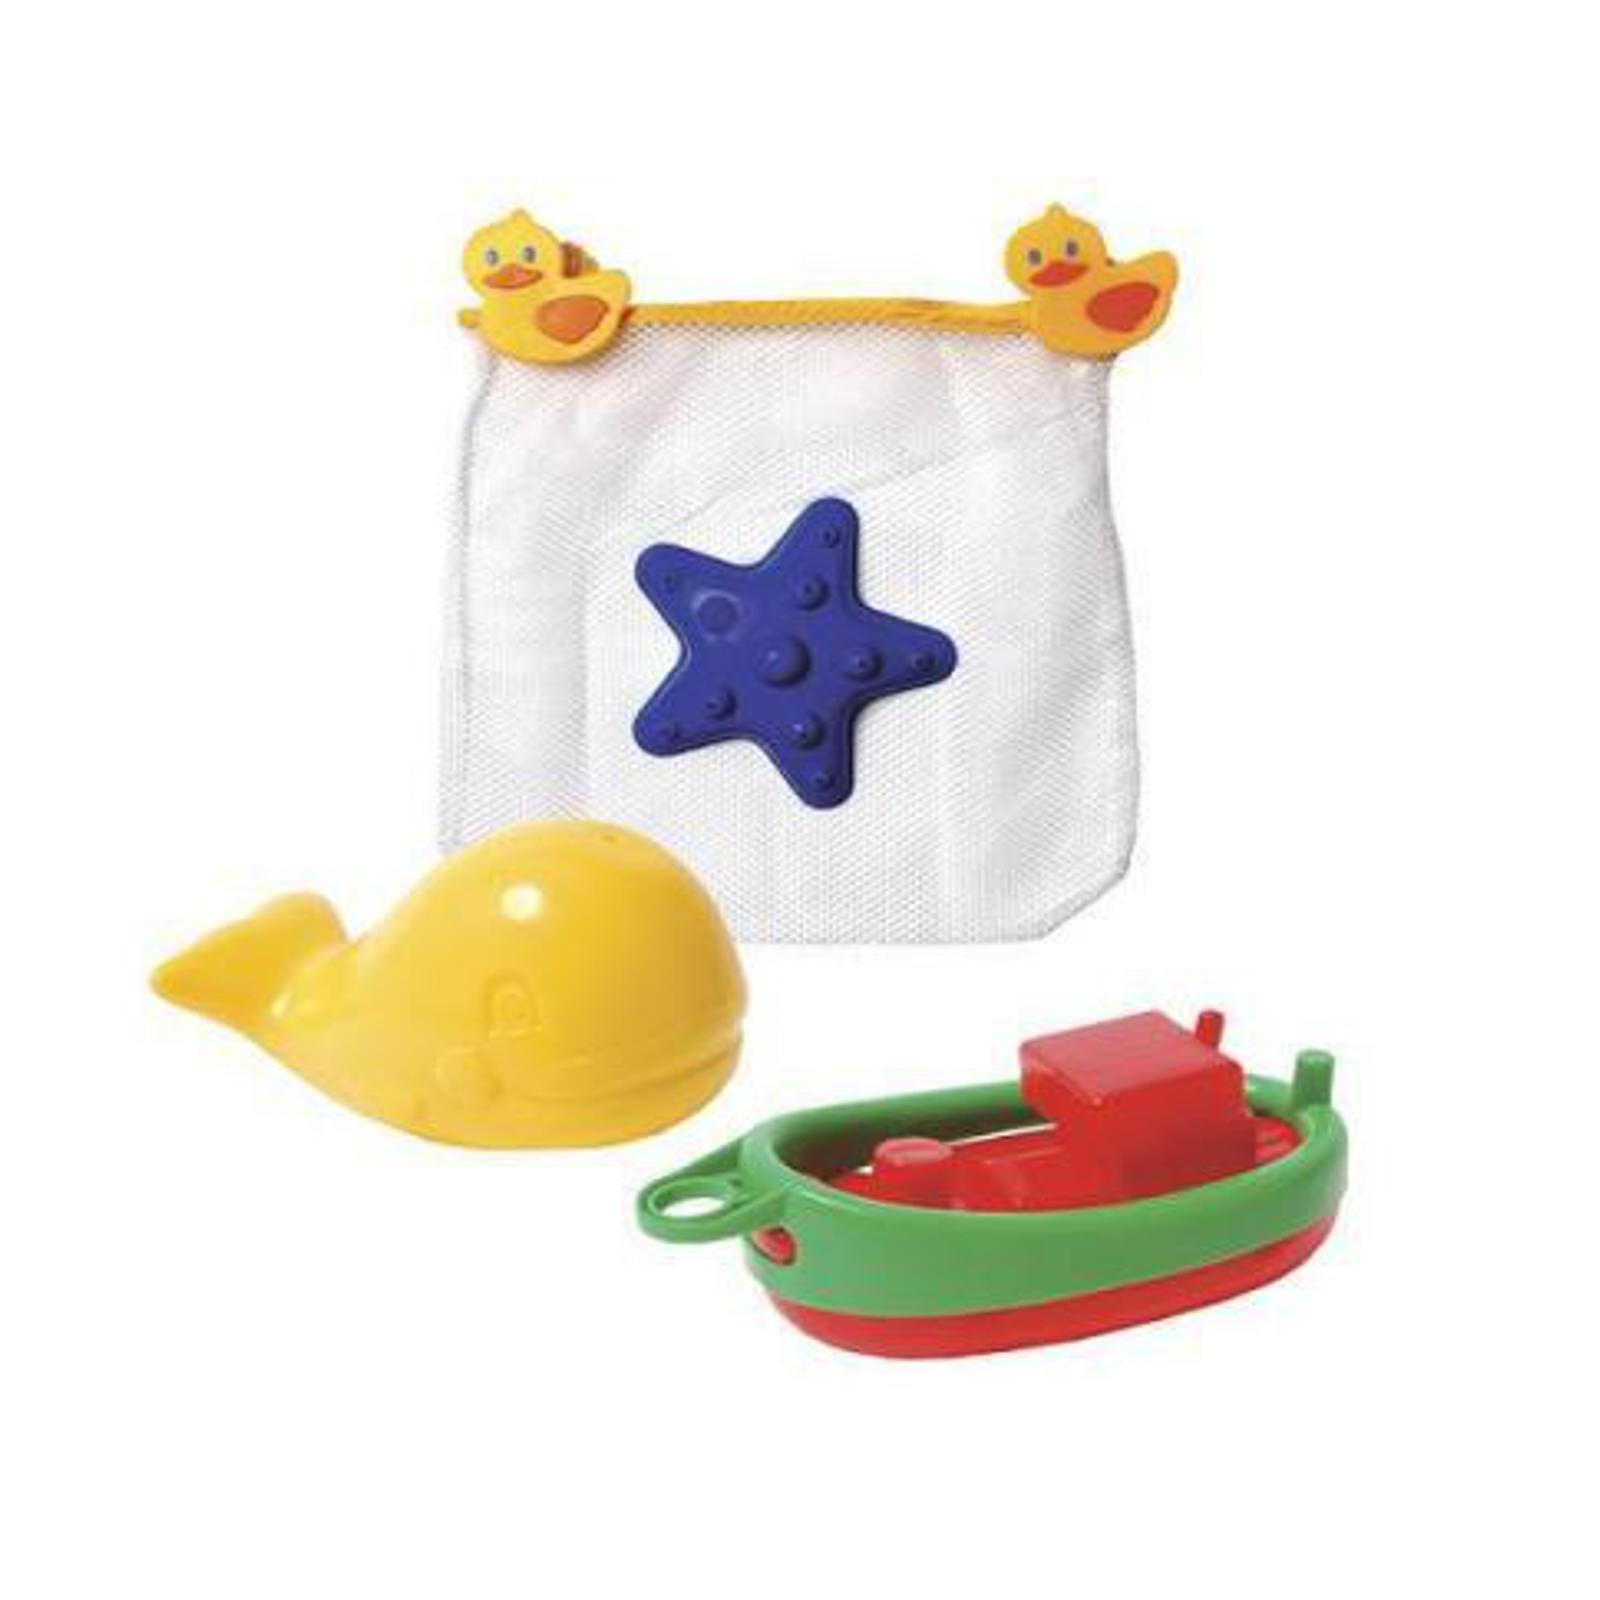 Игрушка для ванны Fun Time Лодка, морская звезда, кит<br>